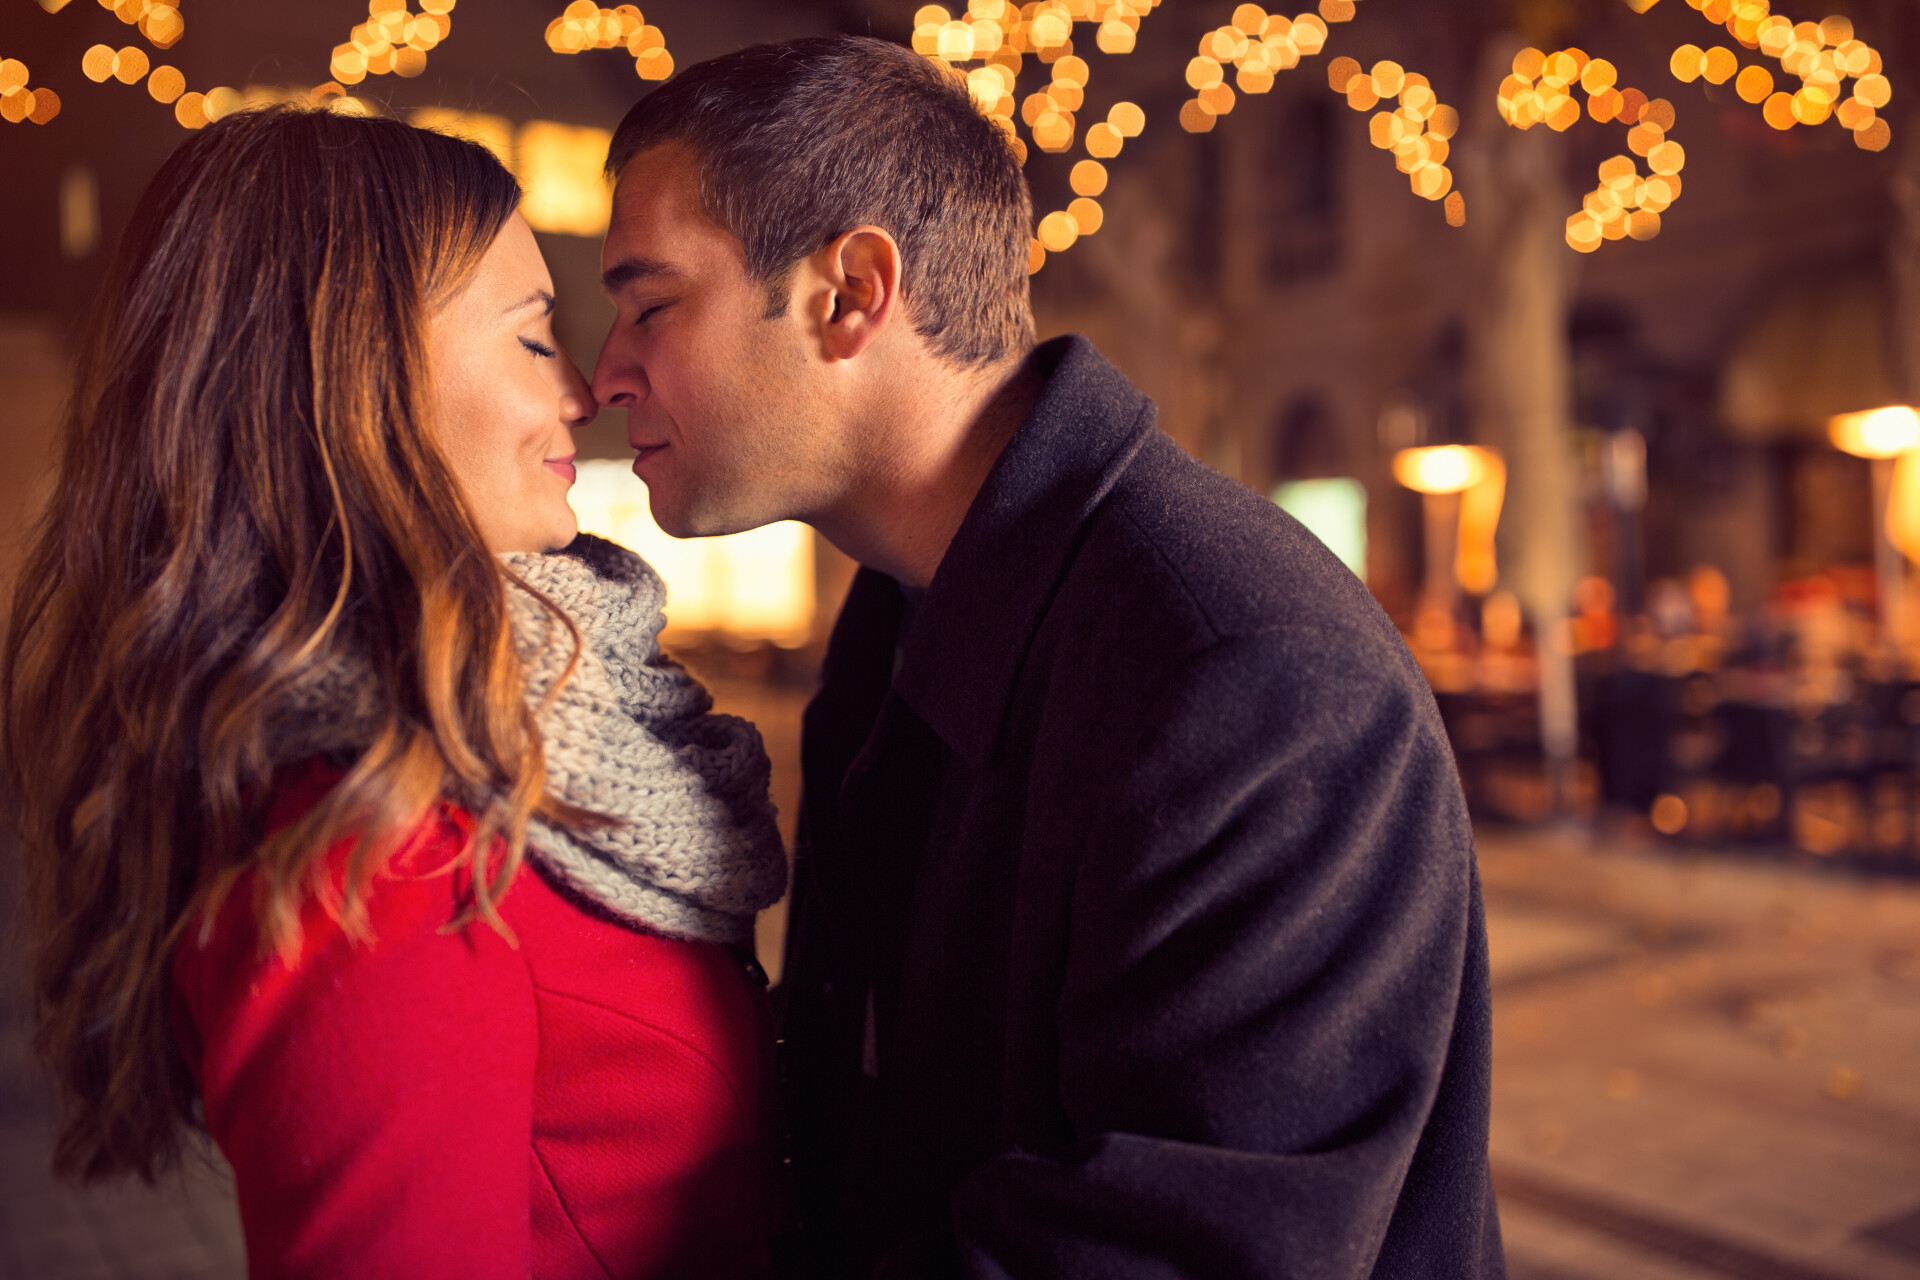 Érett férfit vagy kisfiút szeretnél magad mellé? – A döntés nem nehéz